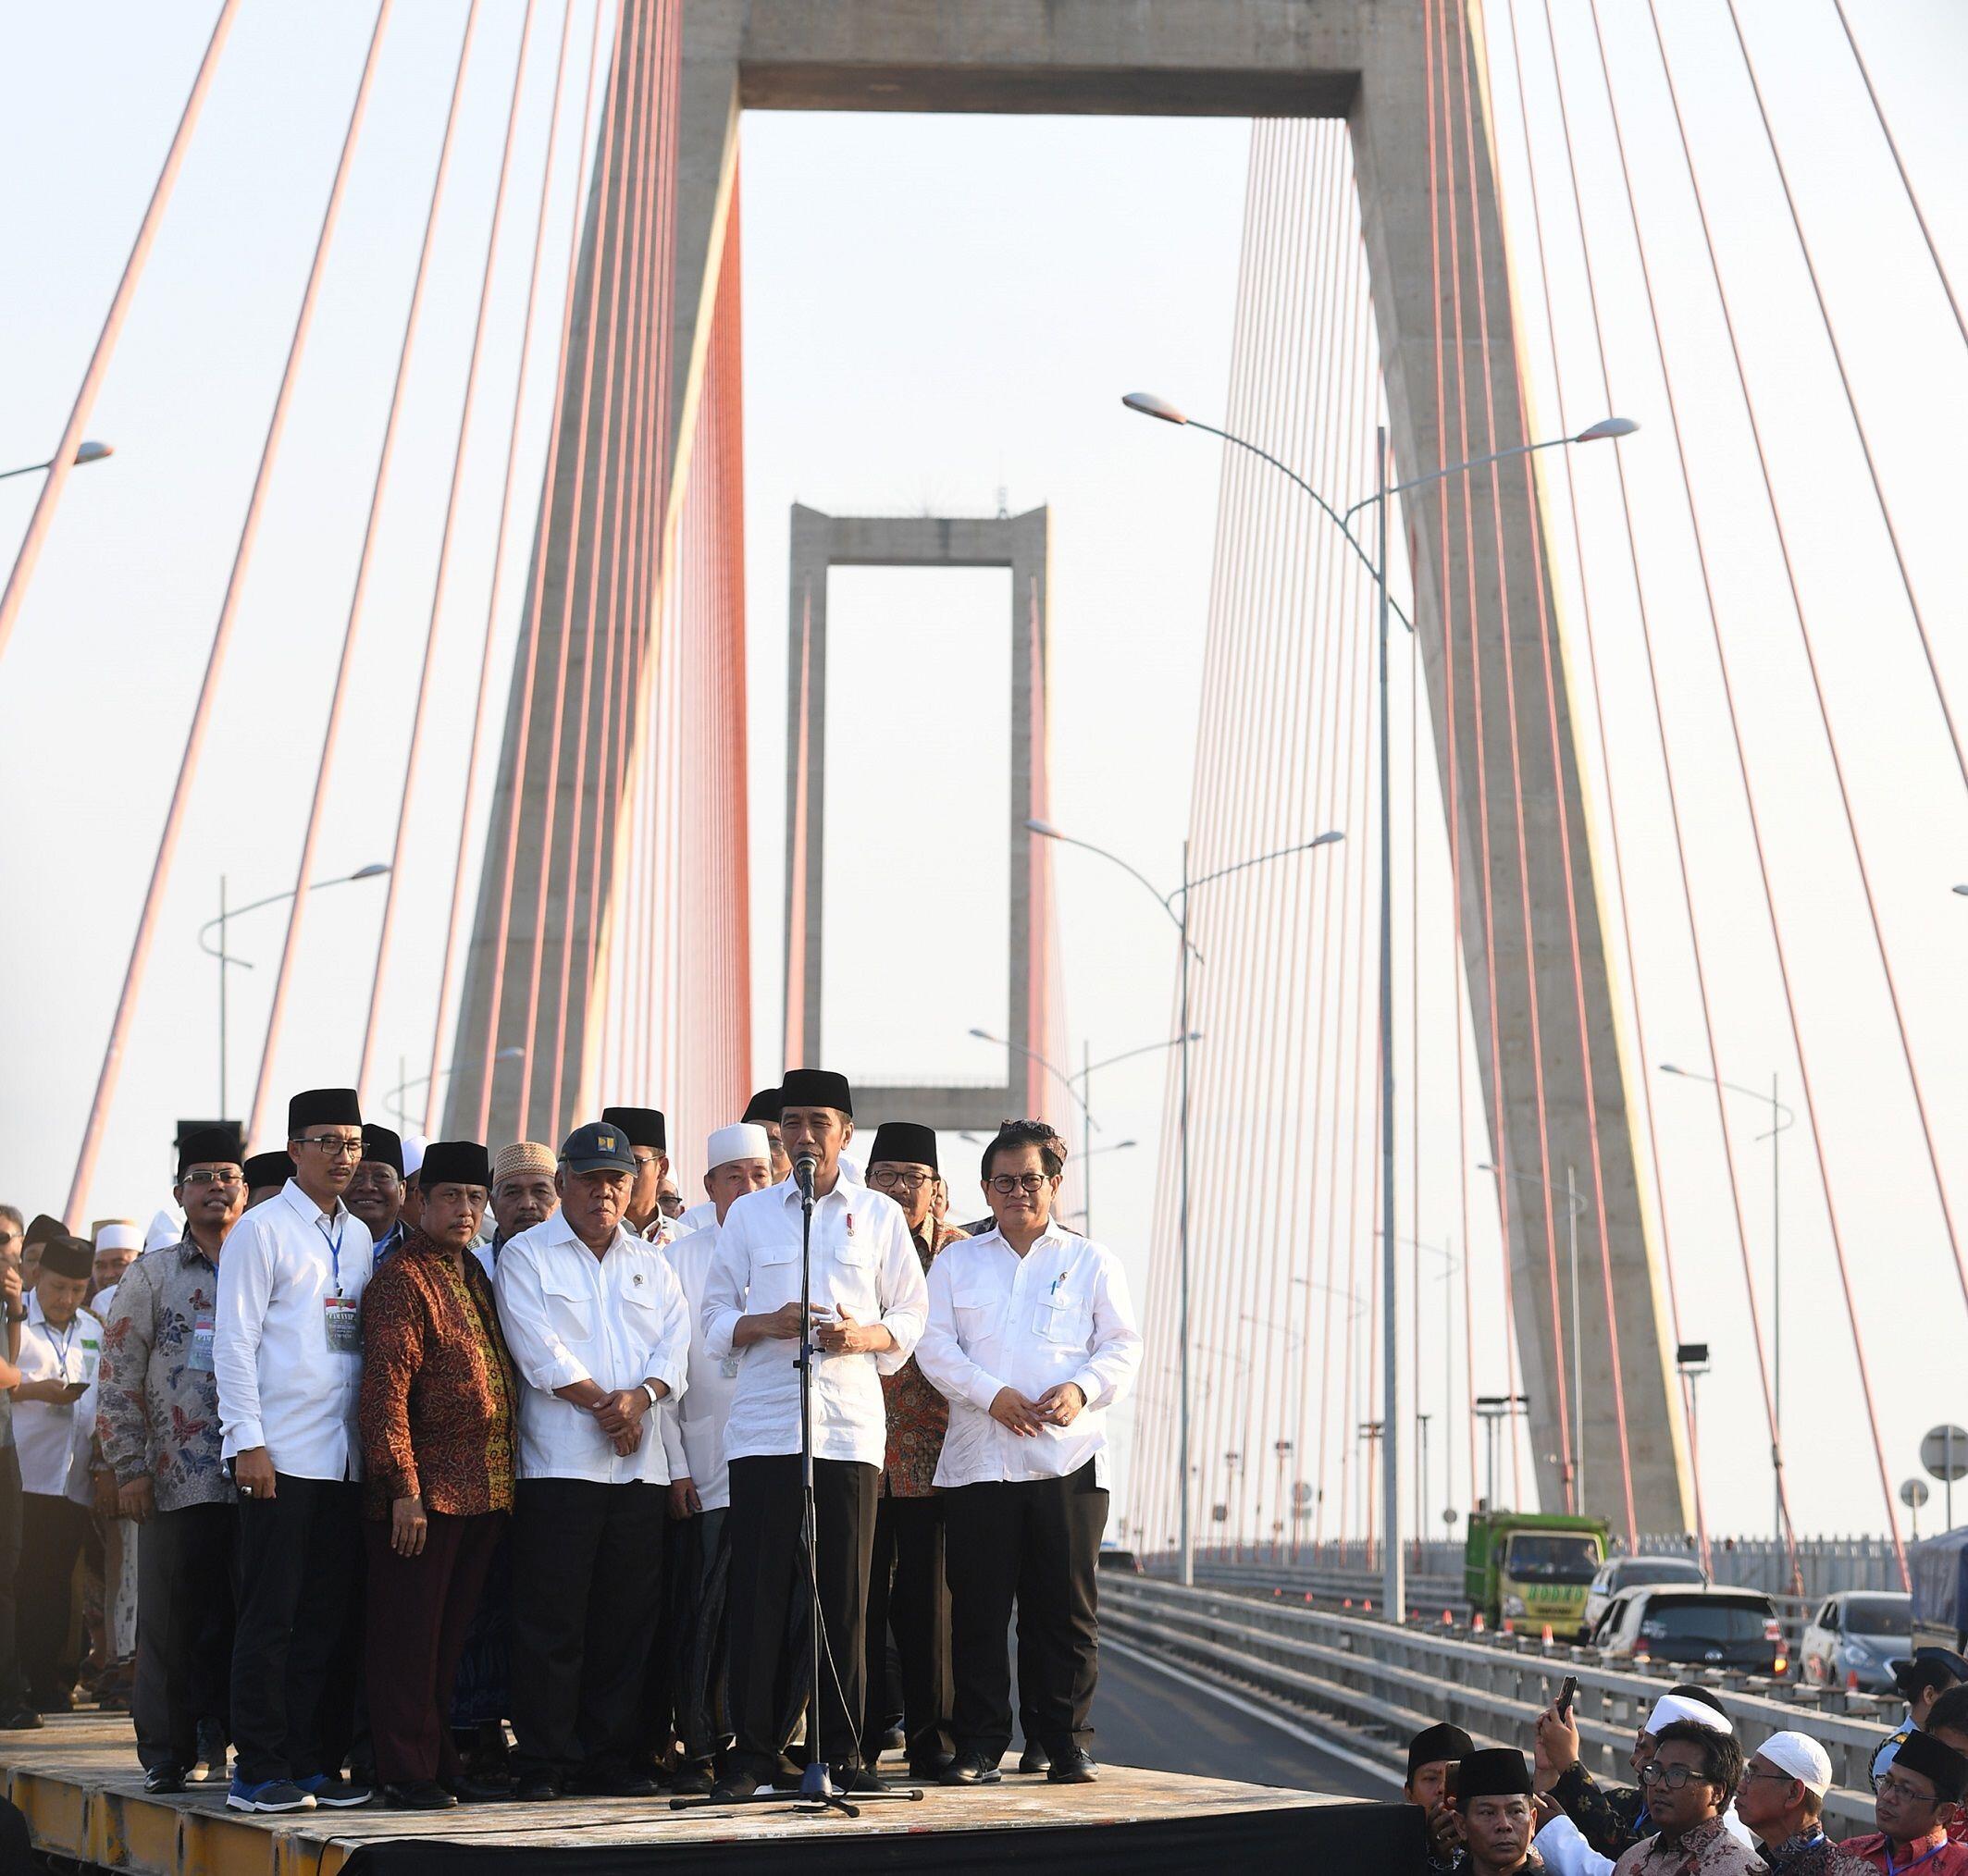 Sudah Tahu 7 Fakta Unik Jembatan Suramadu yang Sekarang Gratis Ini?